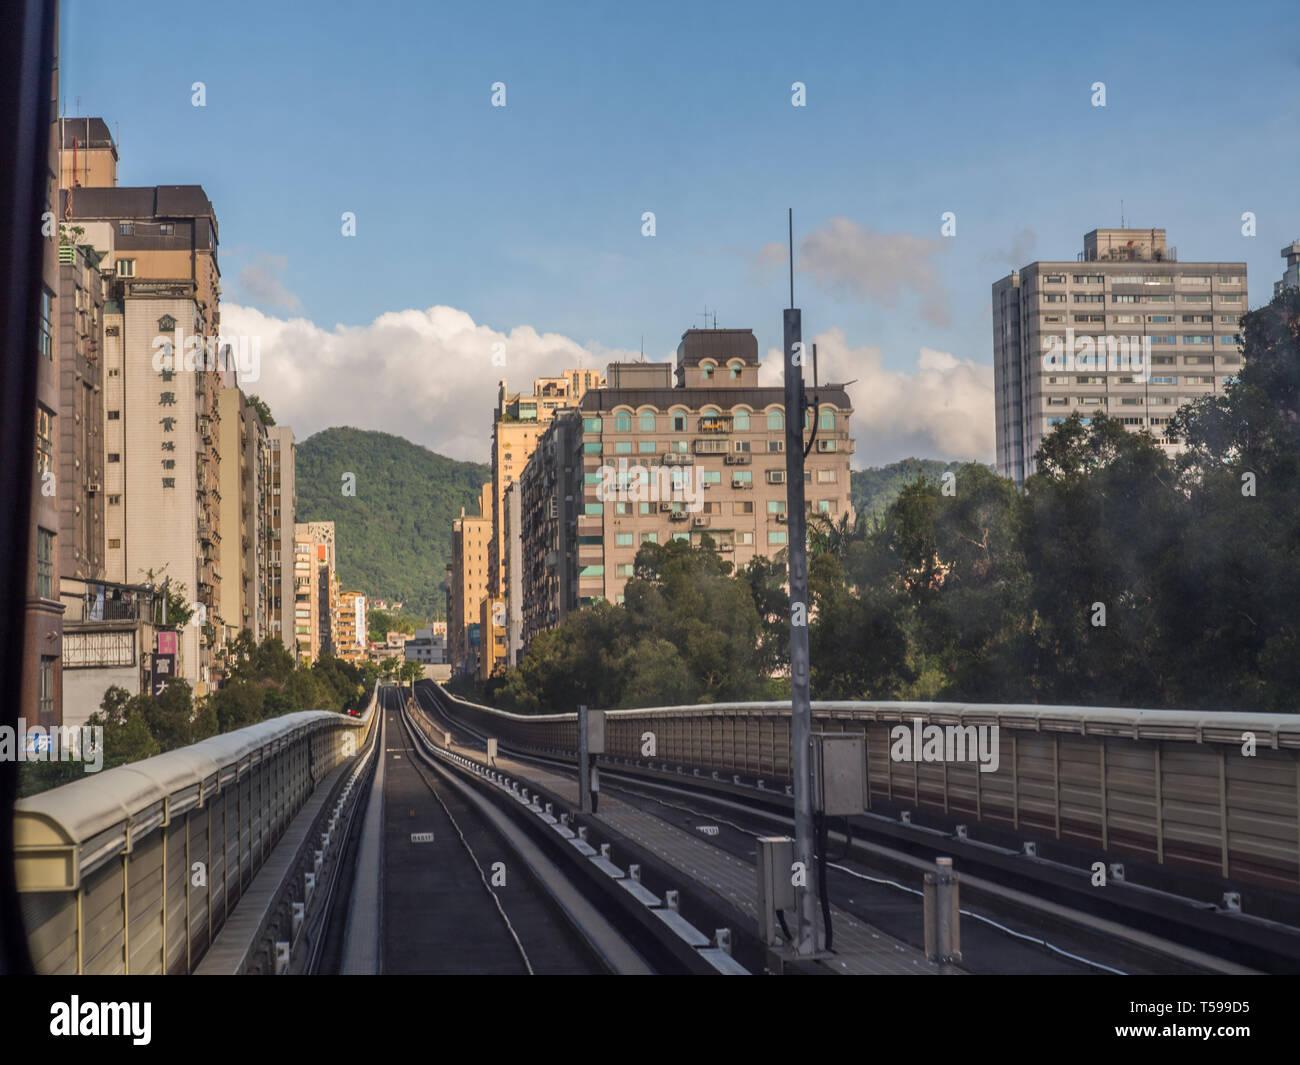 Taipei, Taiwan - le 19 octobre 2016: Les voies de la ligne de métro de brun dans la ville de Taipei. L'Asie. Photo Stock